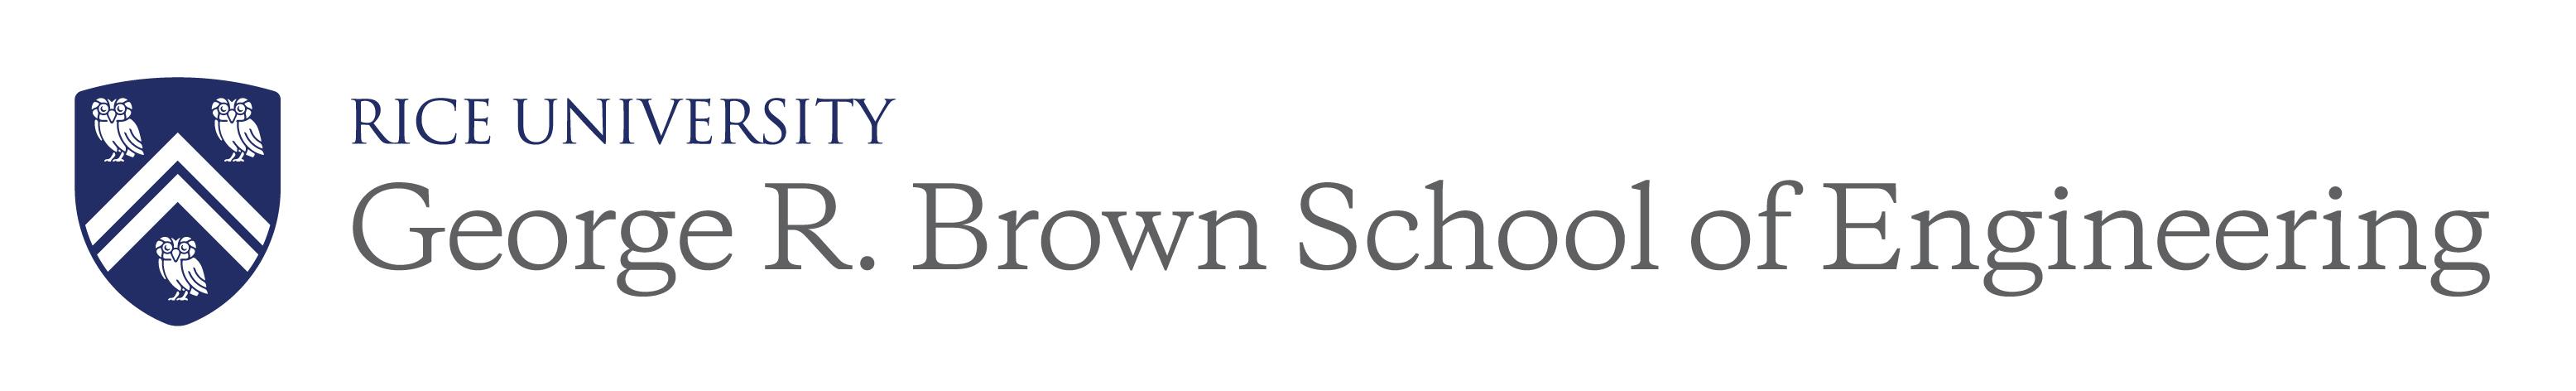 Rice University's George R. Brown School of Engineering Logo